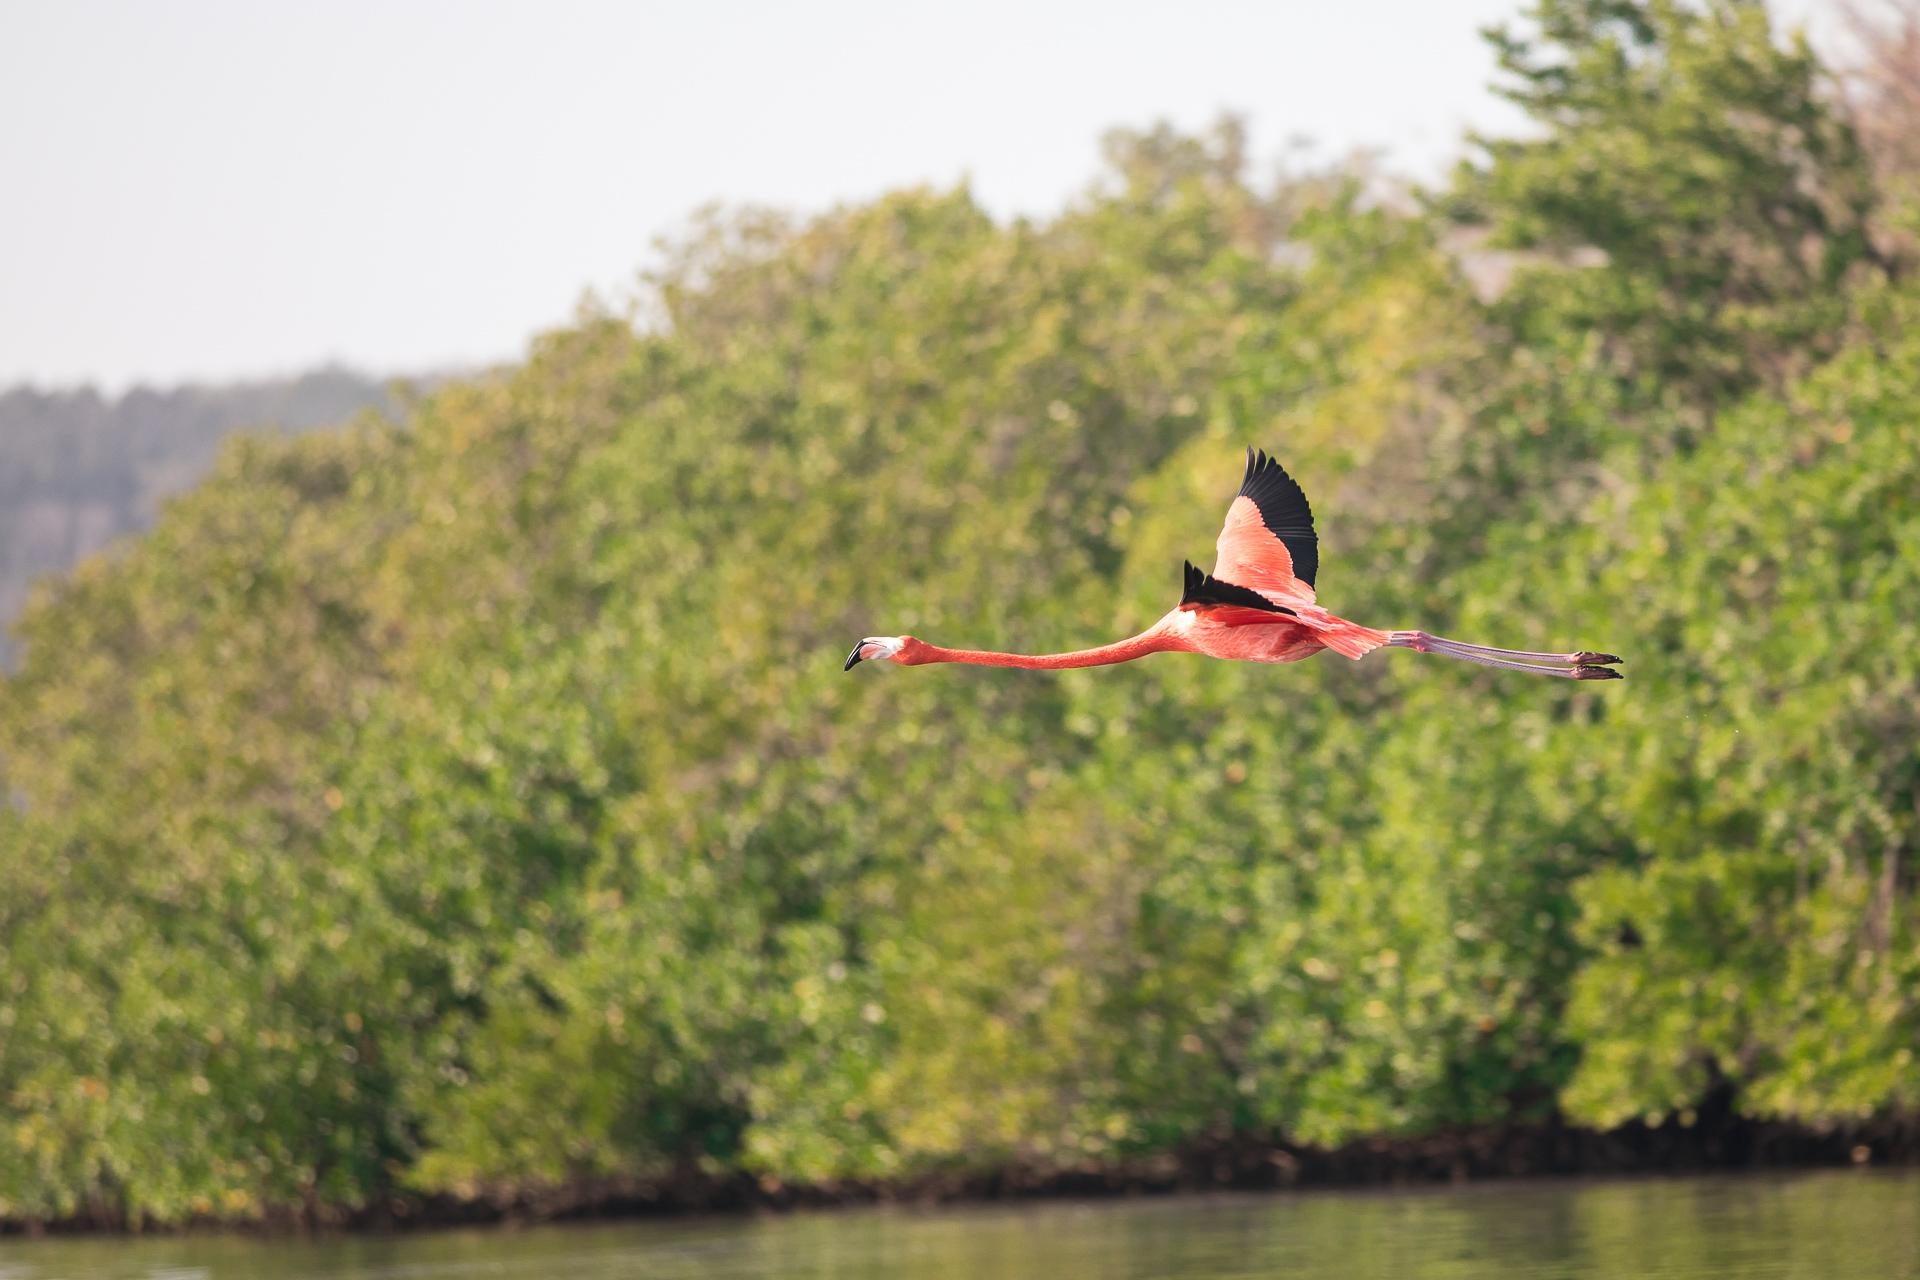 Bild: Guanaroca Lagoon Flamingos Kuba bei Cienfuegos